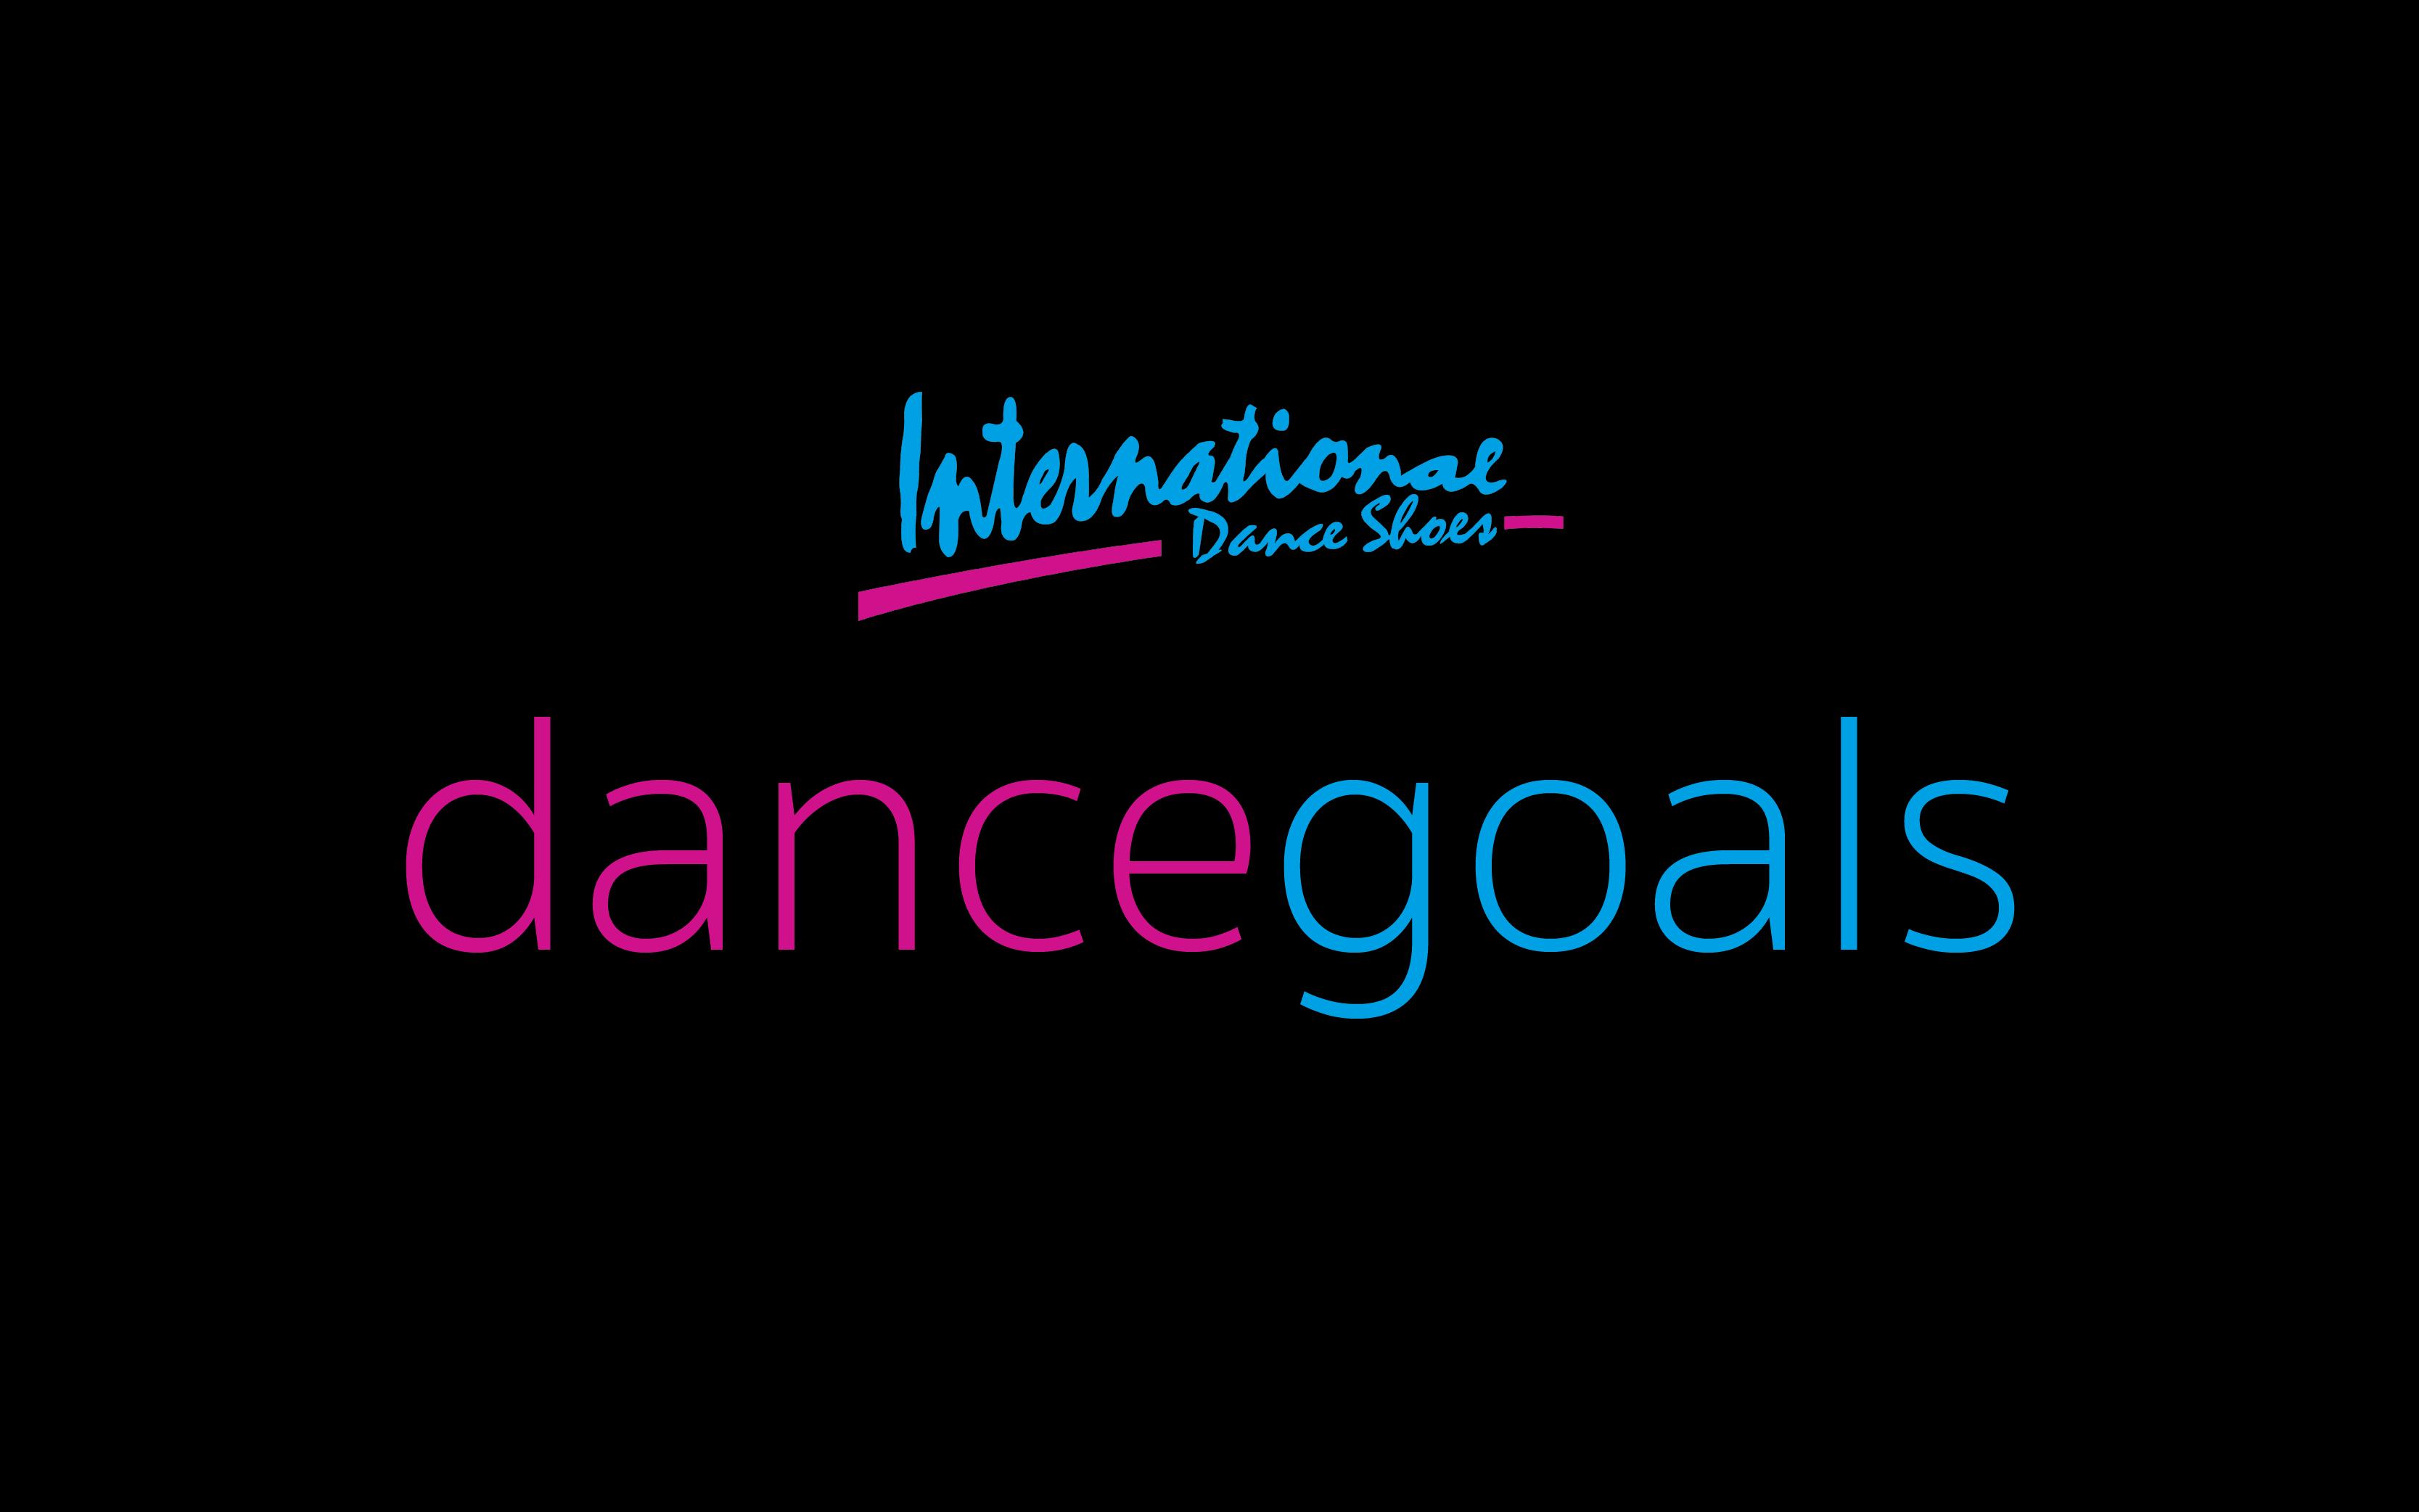 dancegoals-01.png